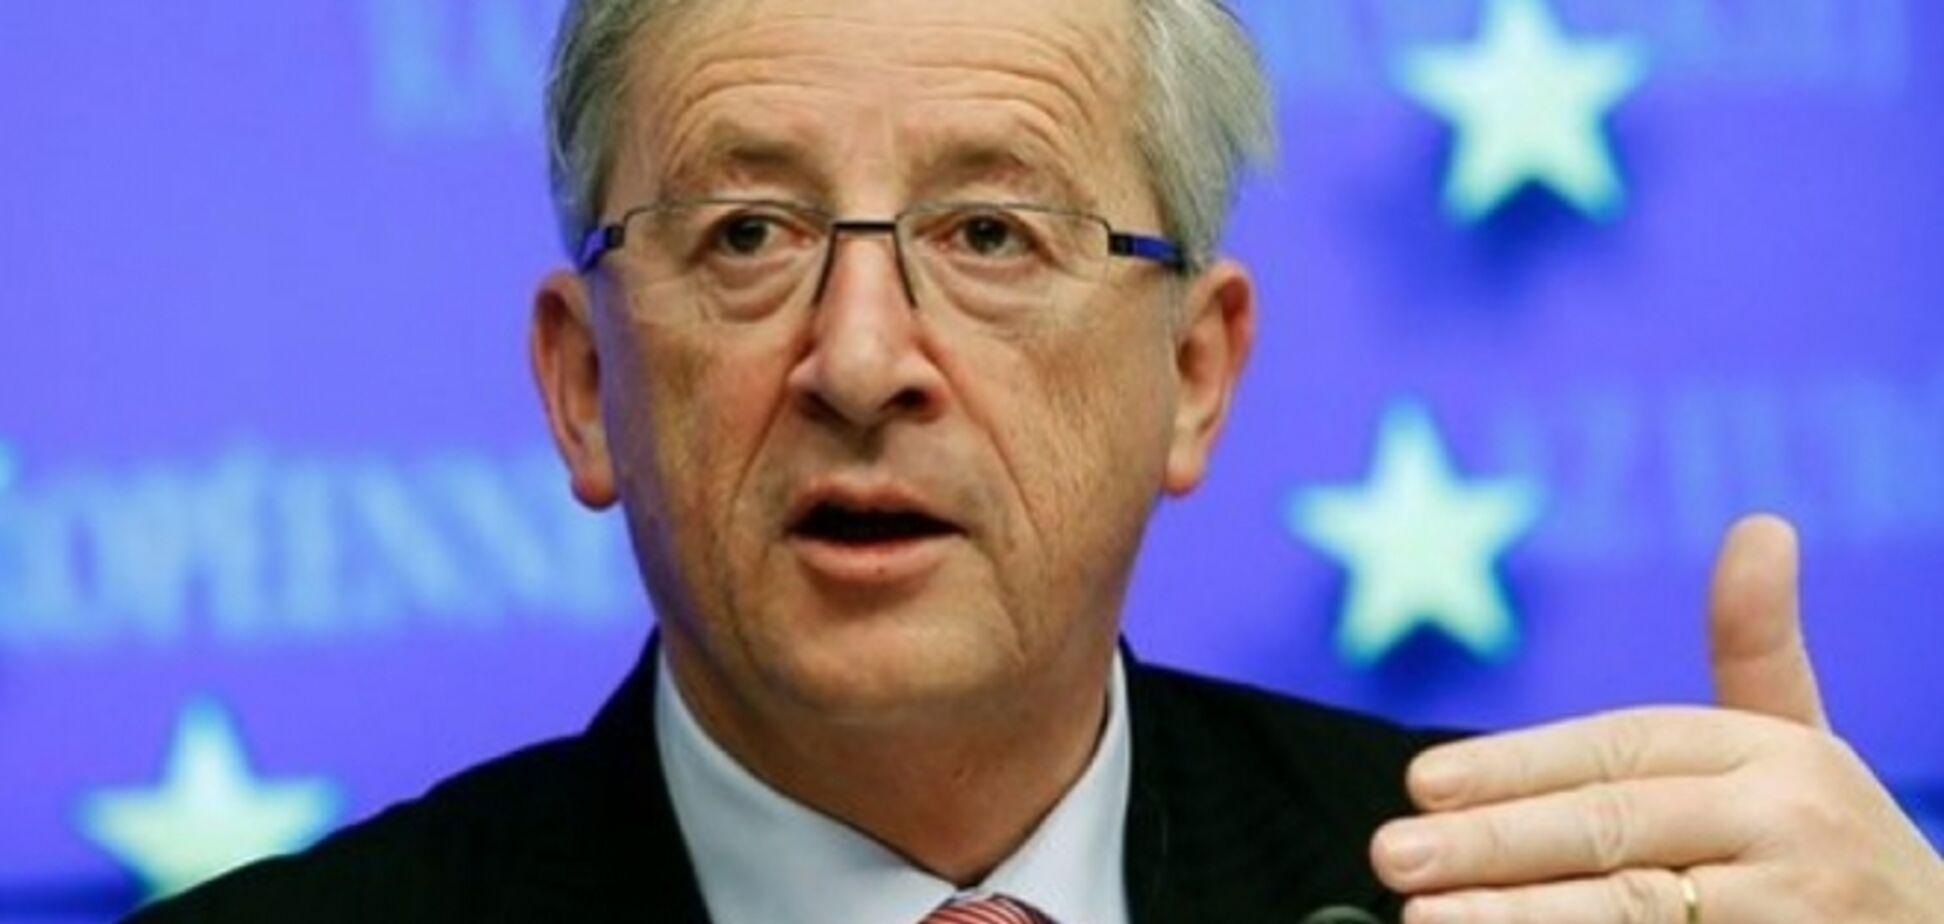 Єврокомісію очолив головний лобіст інтересів України в ЄС